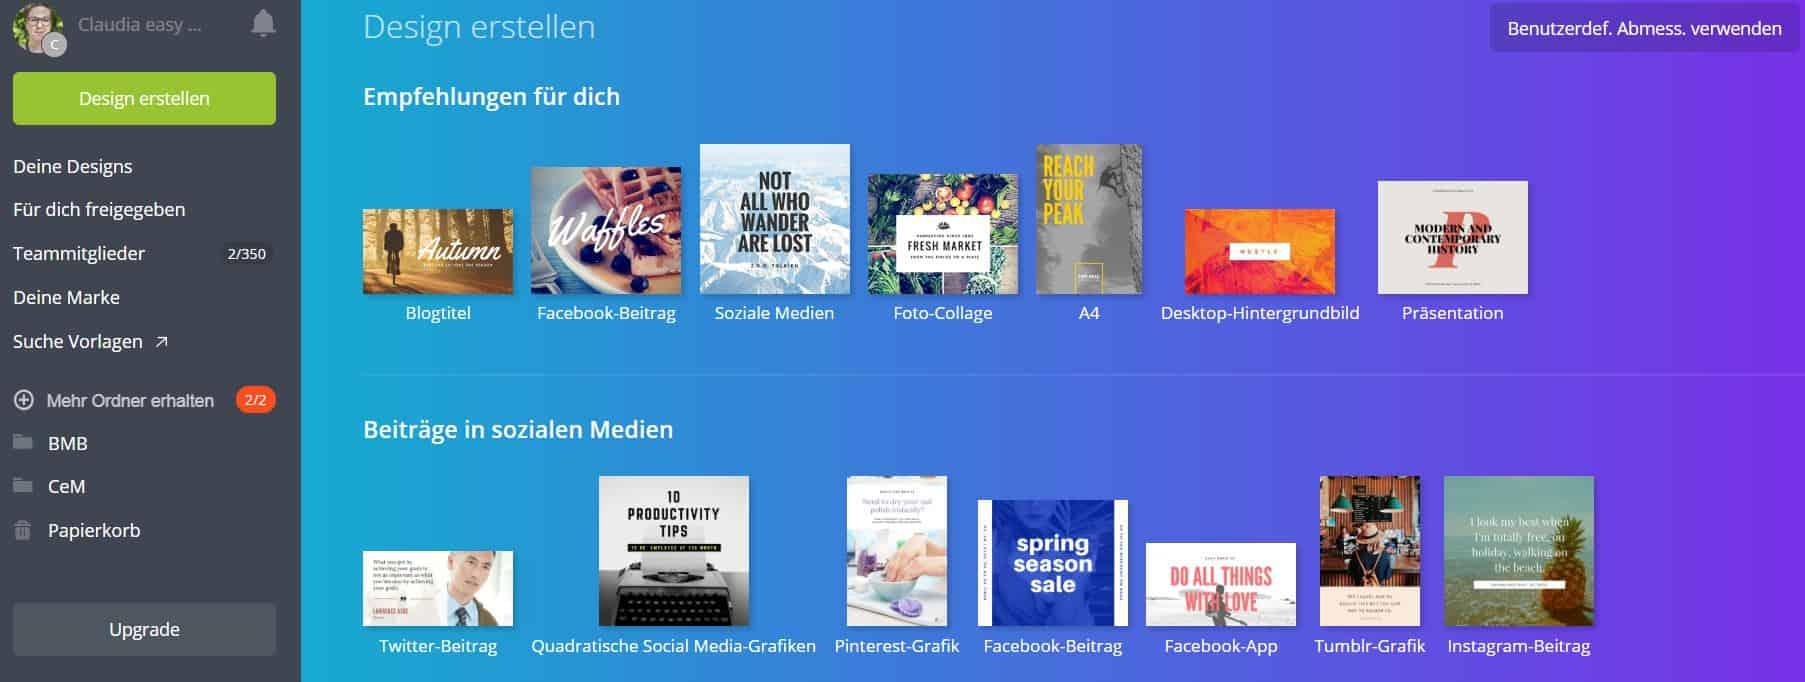 Canva Anleitung - Design wählen